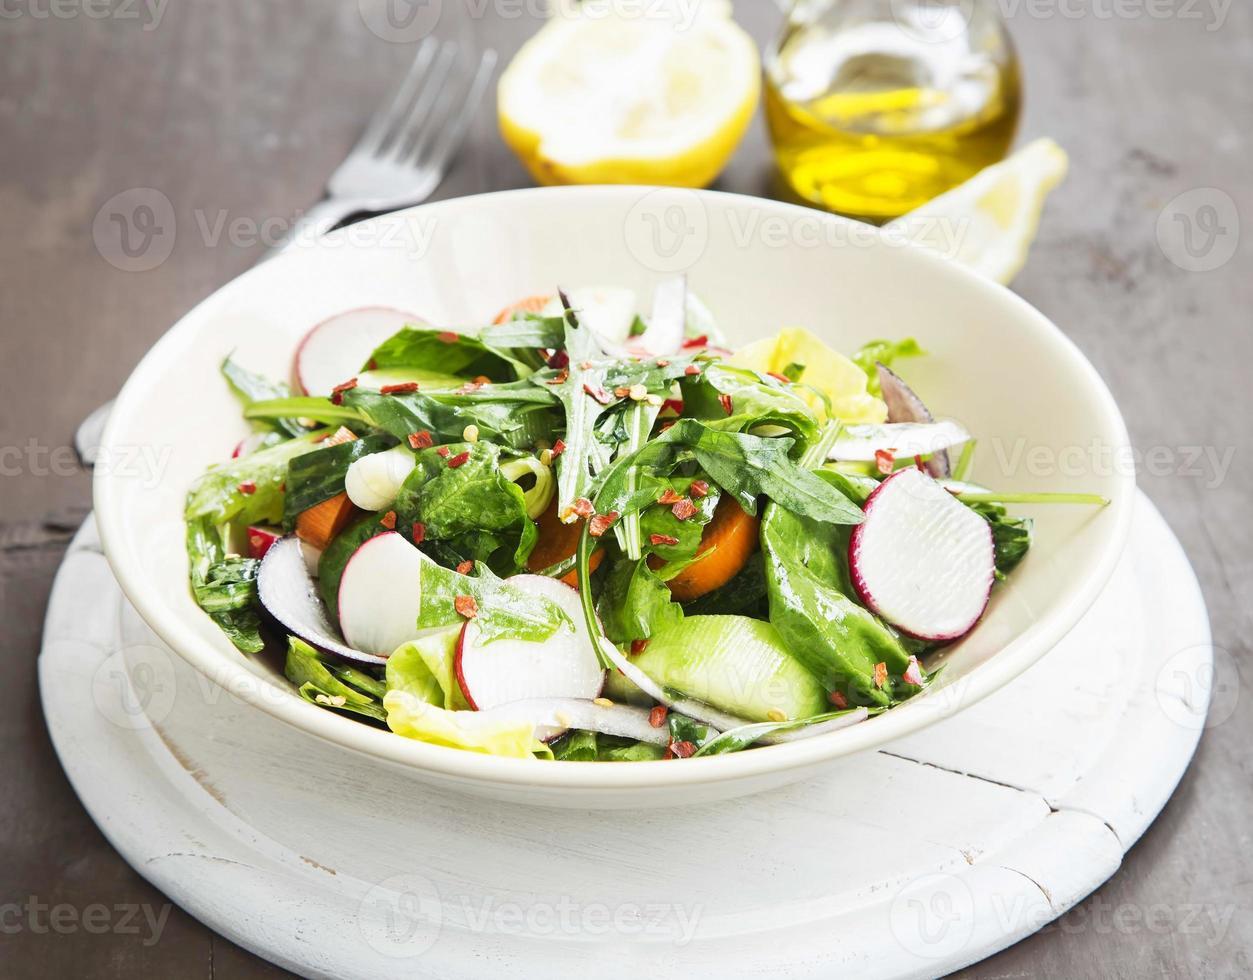 Gemüsesalatgericht mit frischem Bio-Salat, Radieschen, Karotten foto